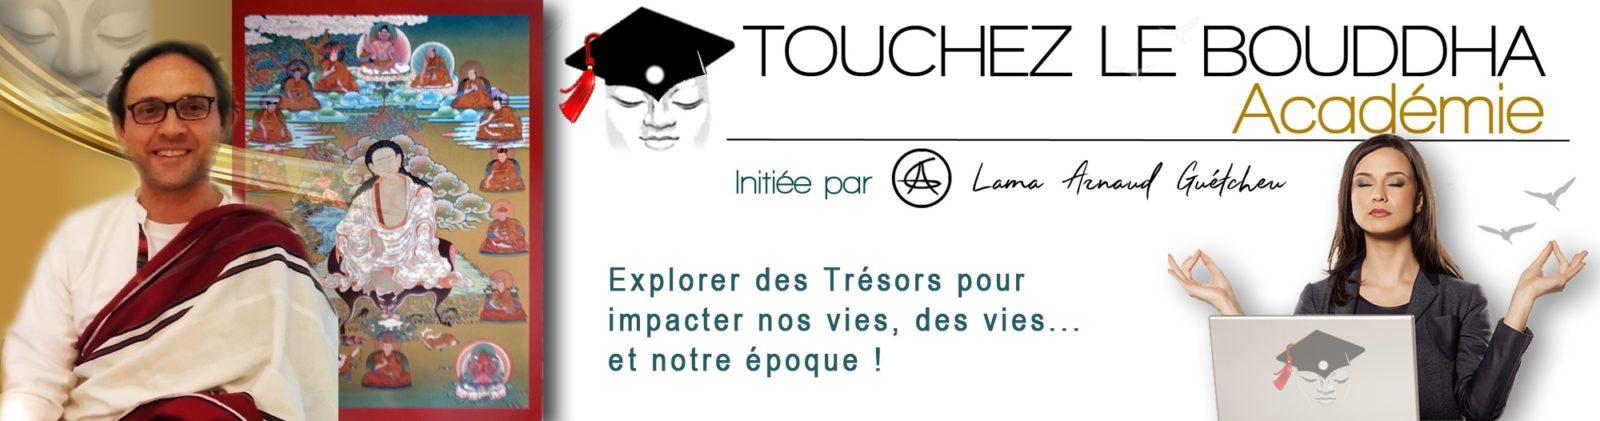 Académie Touchez le Bouddha